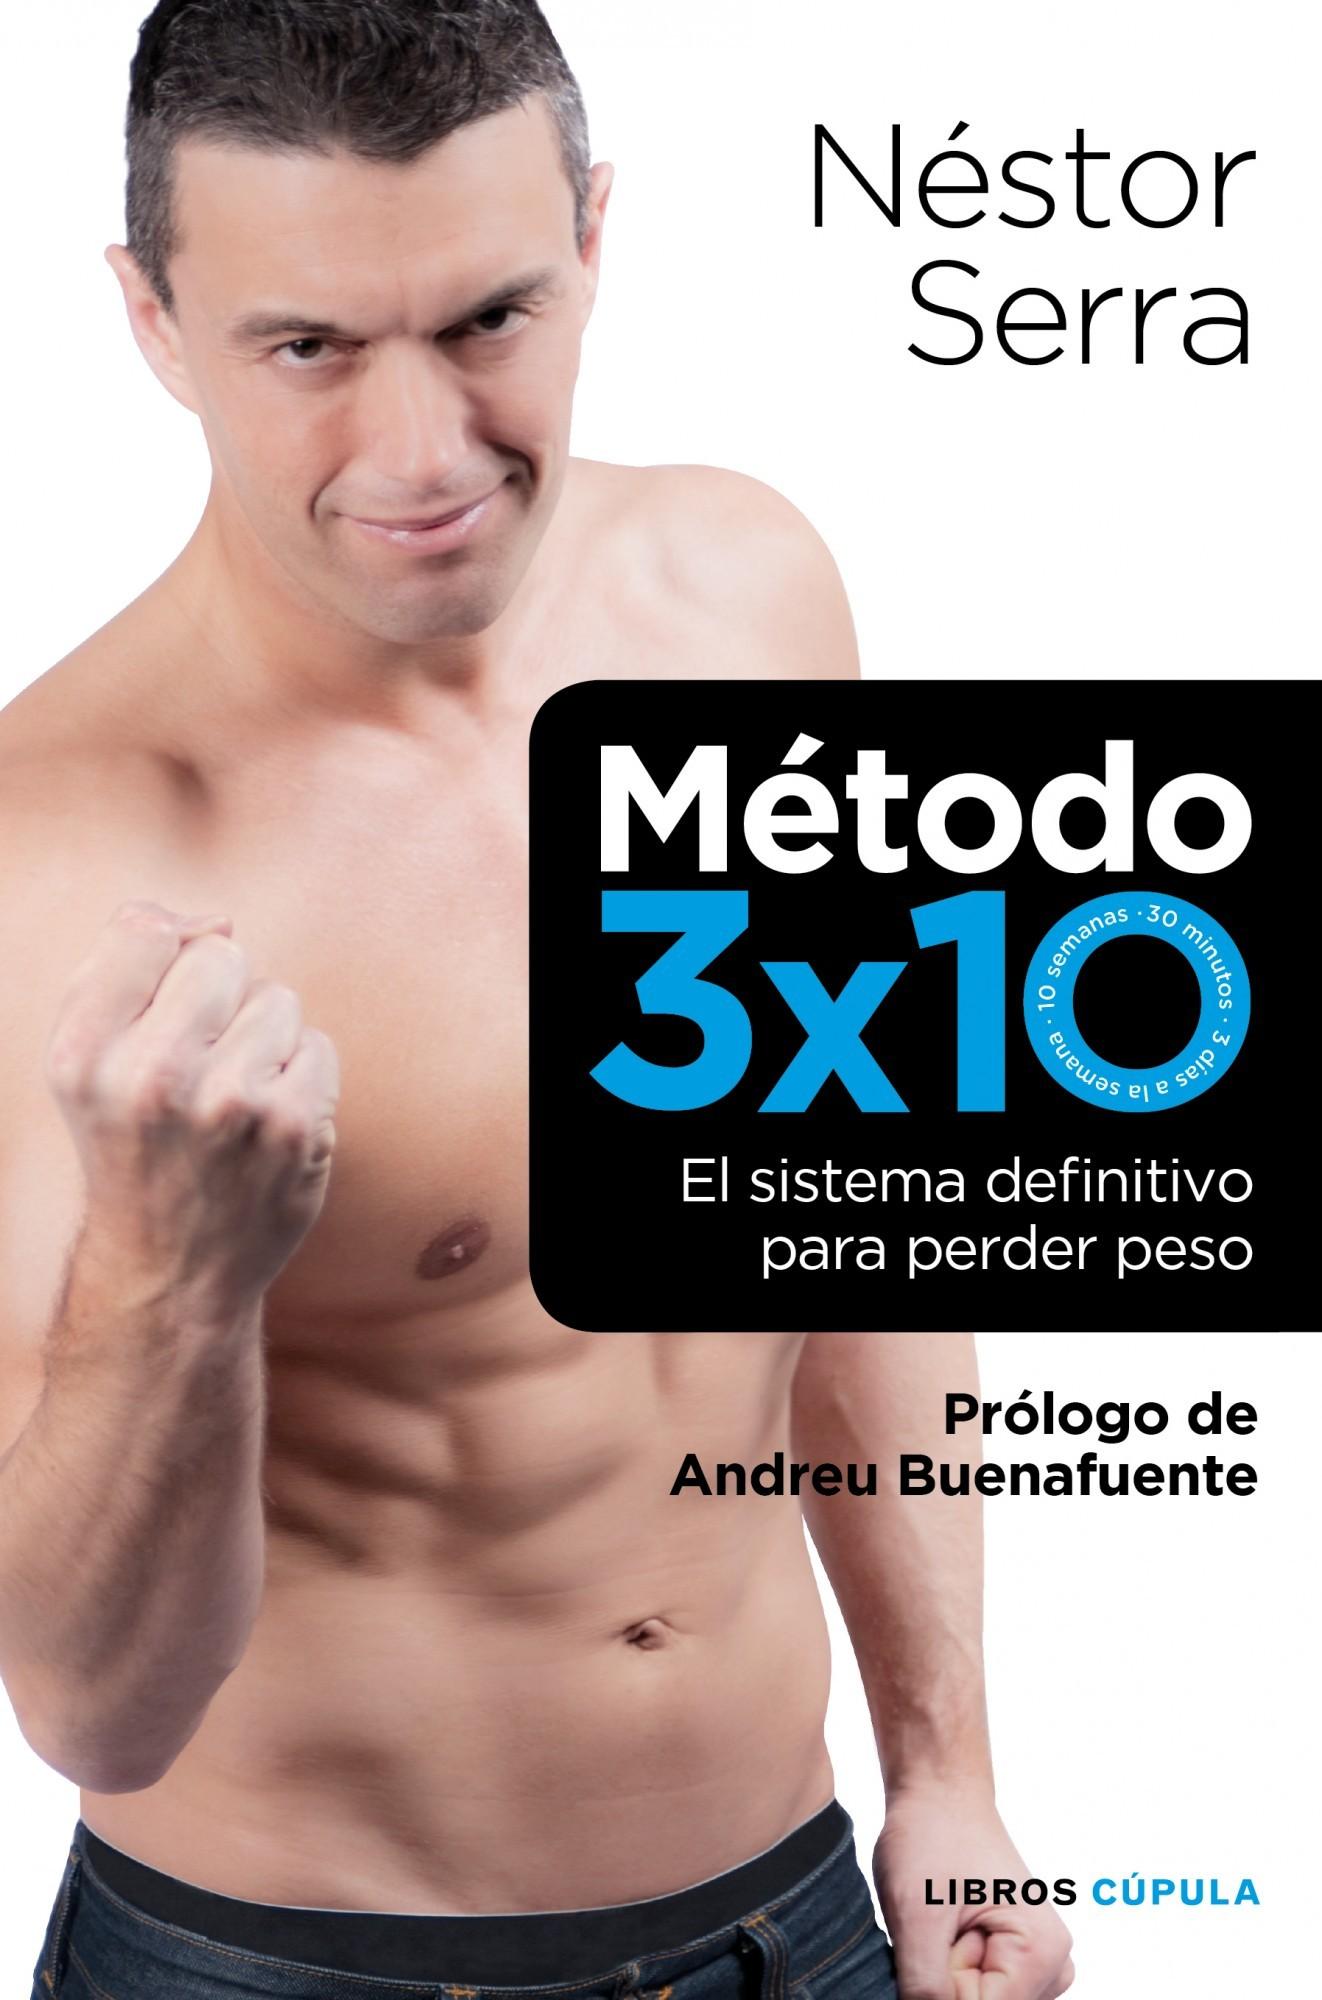 METODO 3 X 10. EL SISTEMA DEFINITIVO PARA PERDER PESO